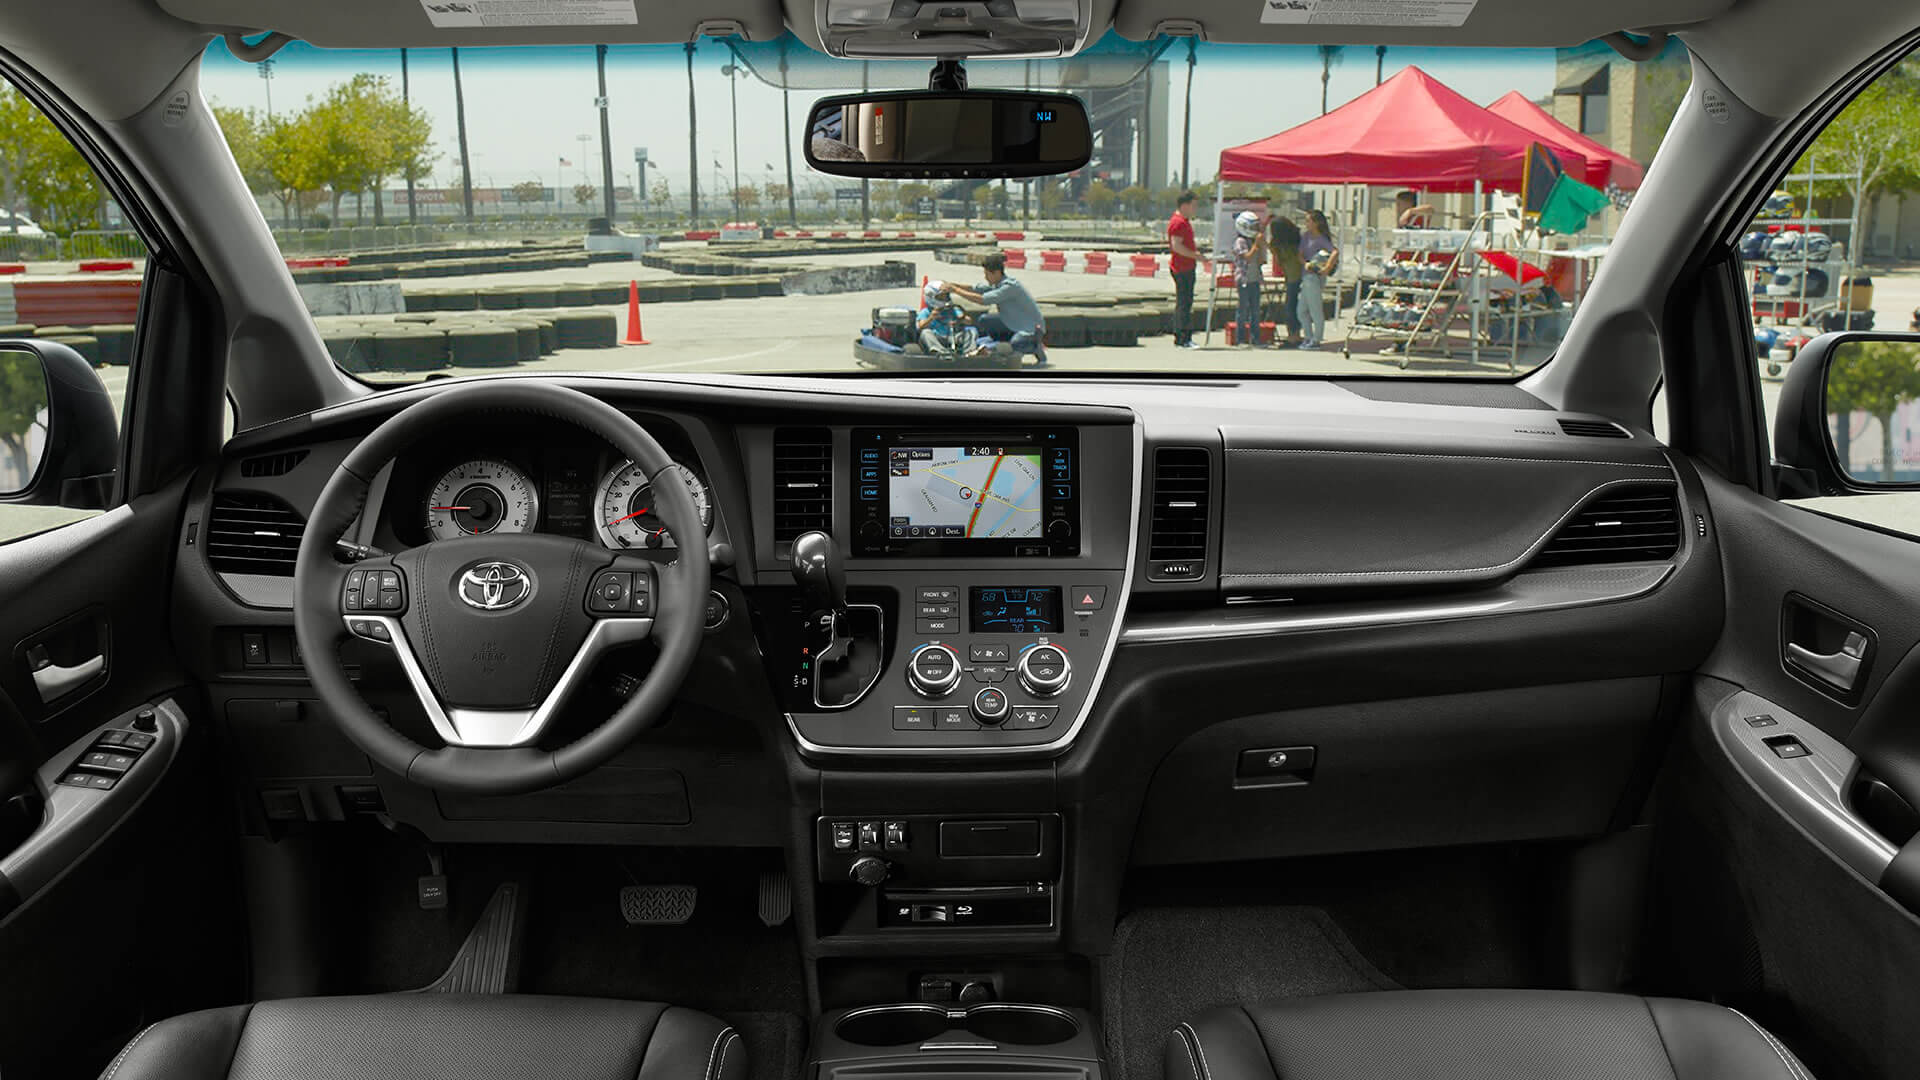 2017 Toyota Sienna Dash